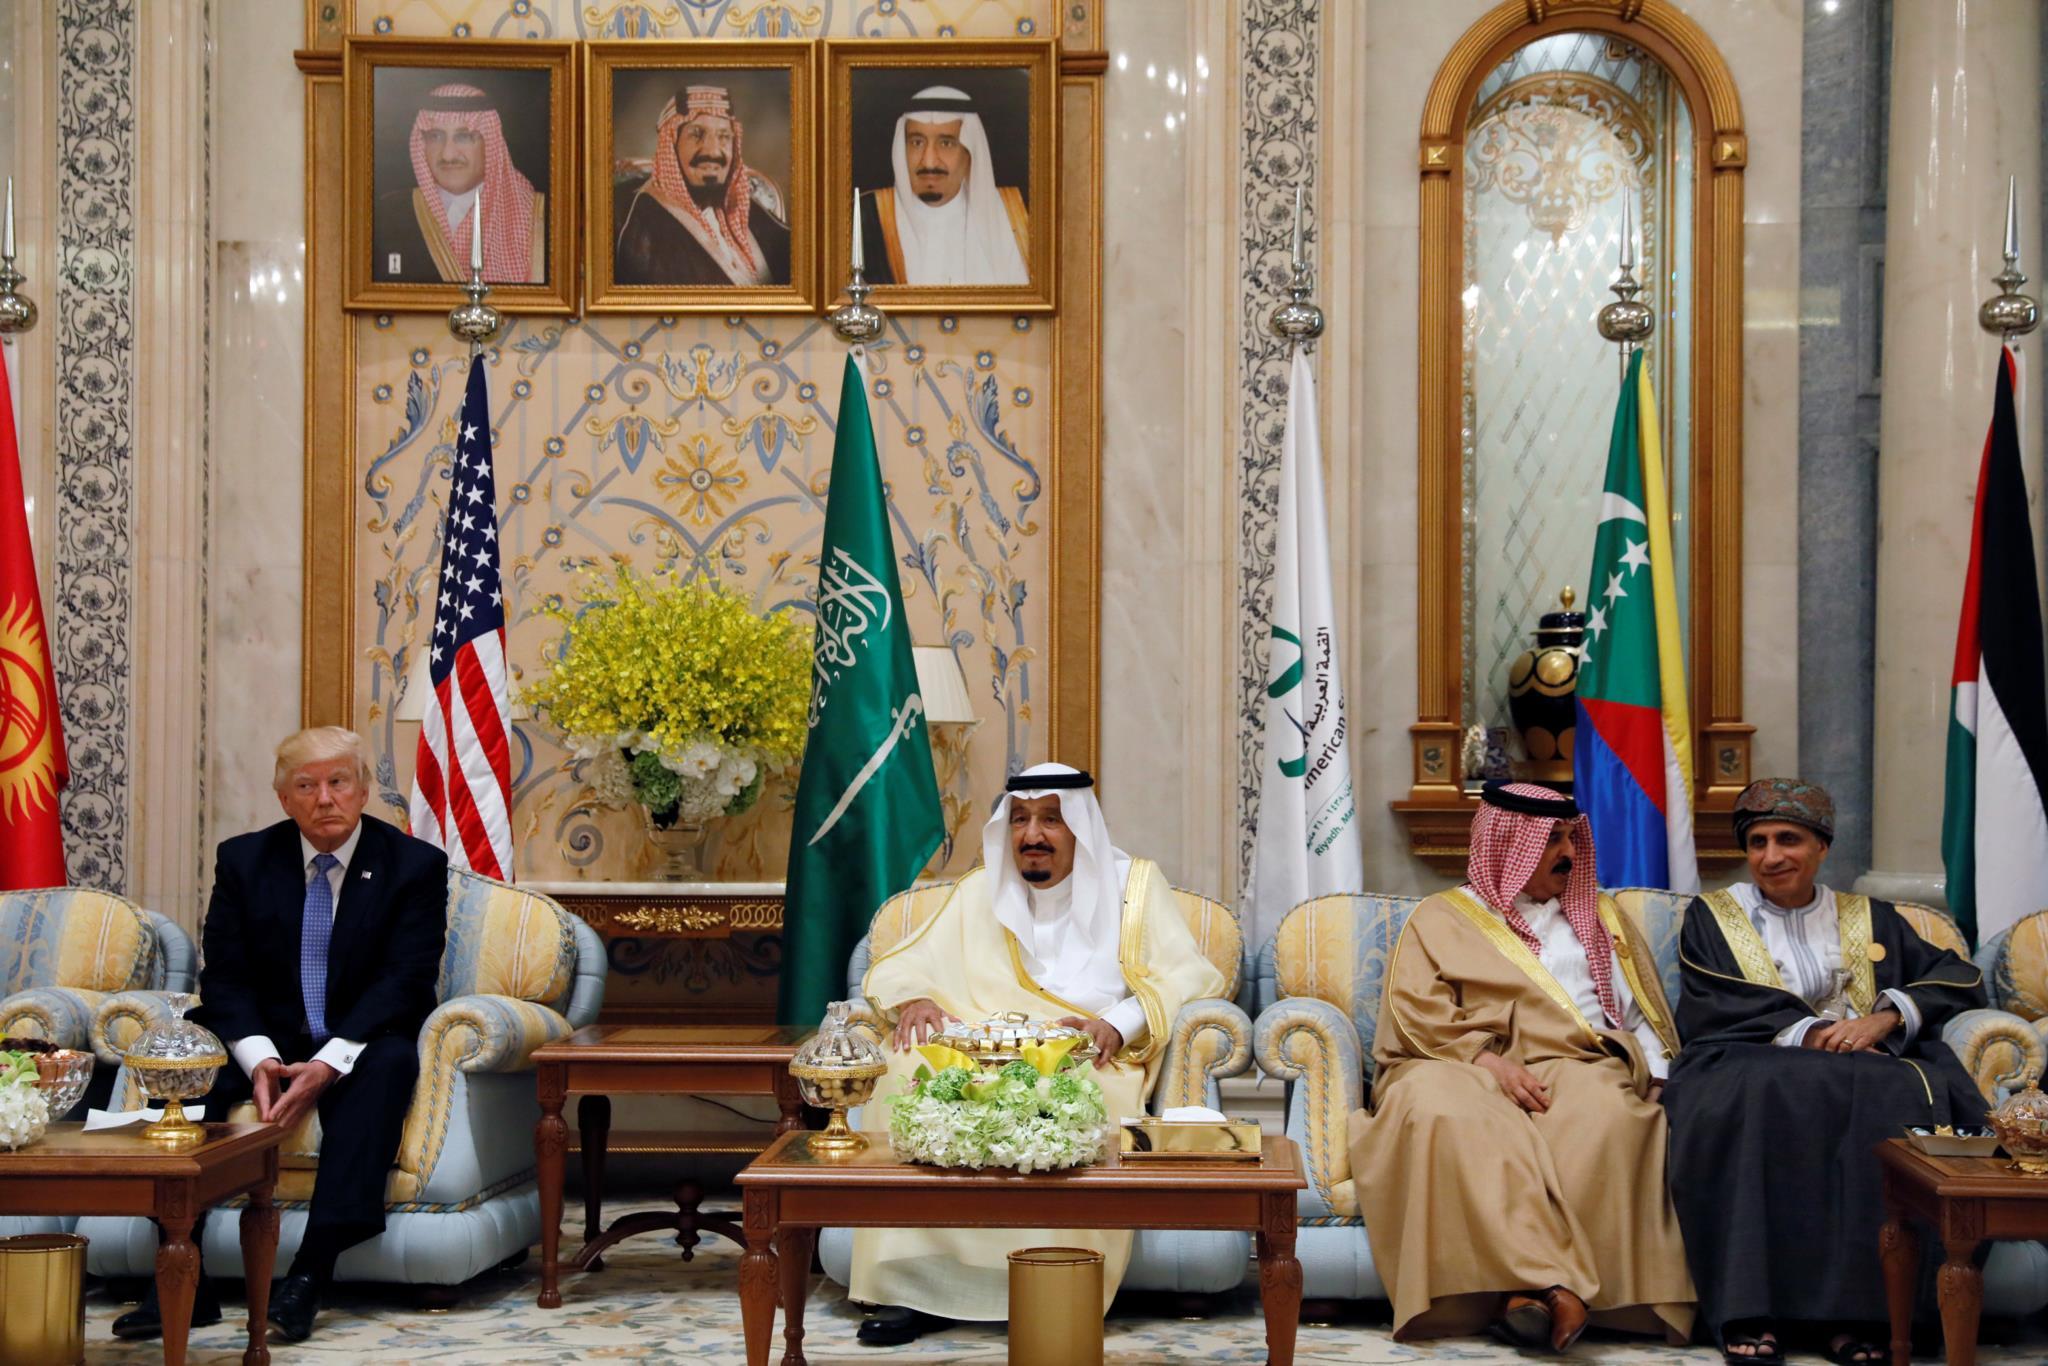 PÚBLICO - Exigências inaceitáveis ao Qatar antecipam agravamento da crise no Golfo